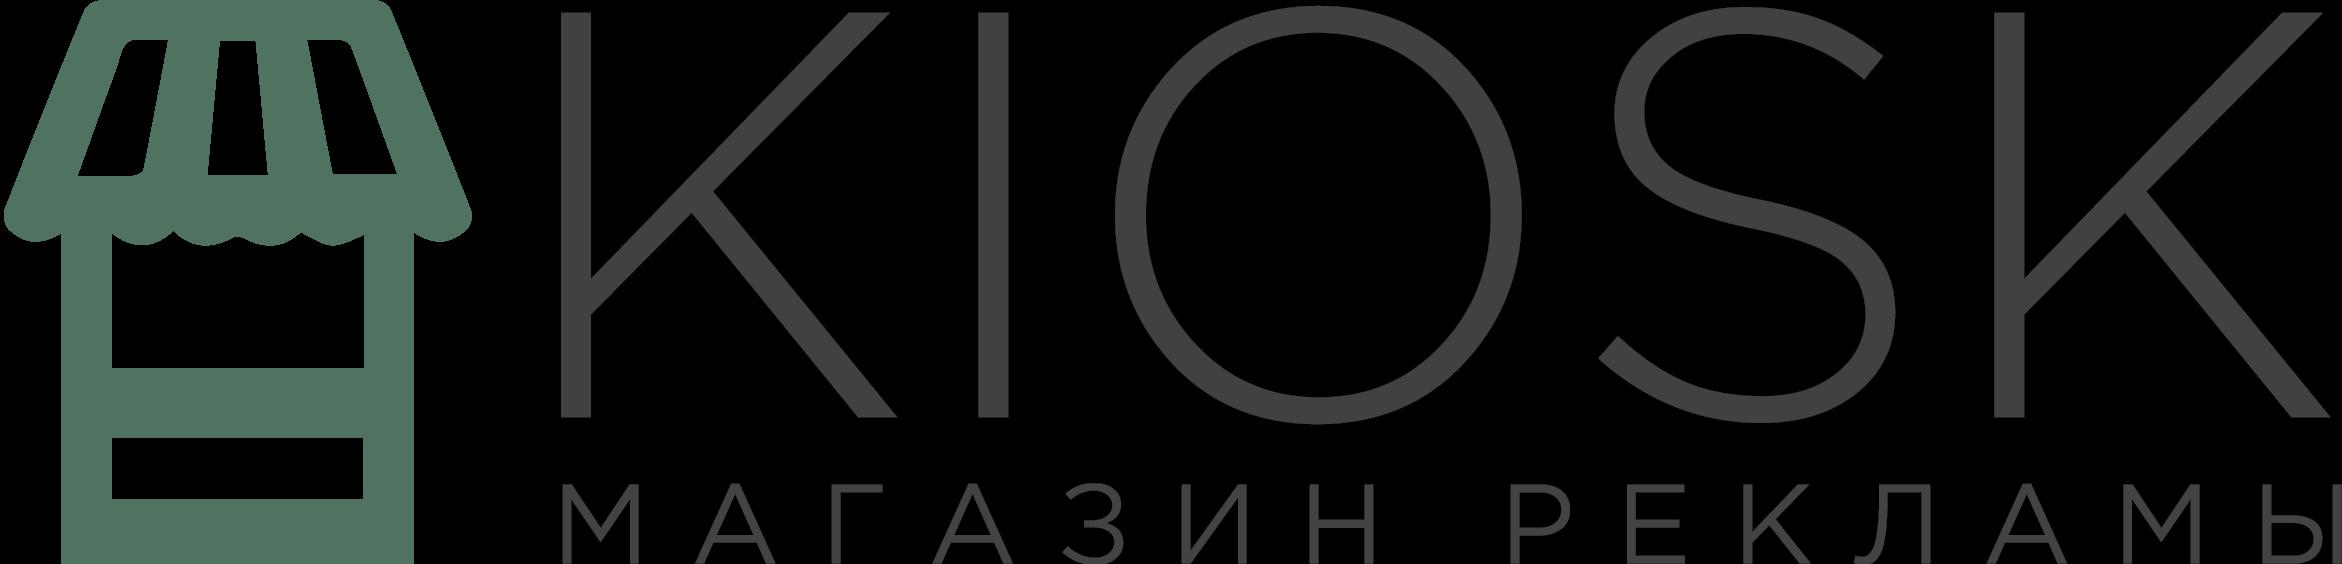 Рекламная группа  KIOSK